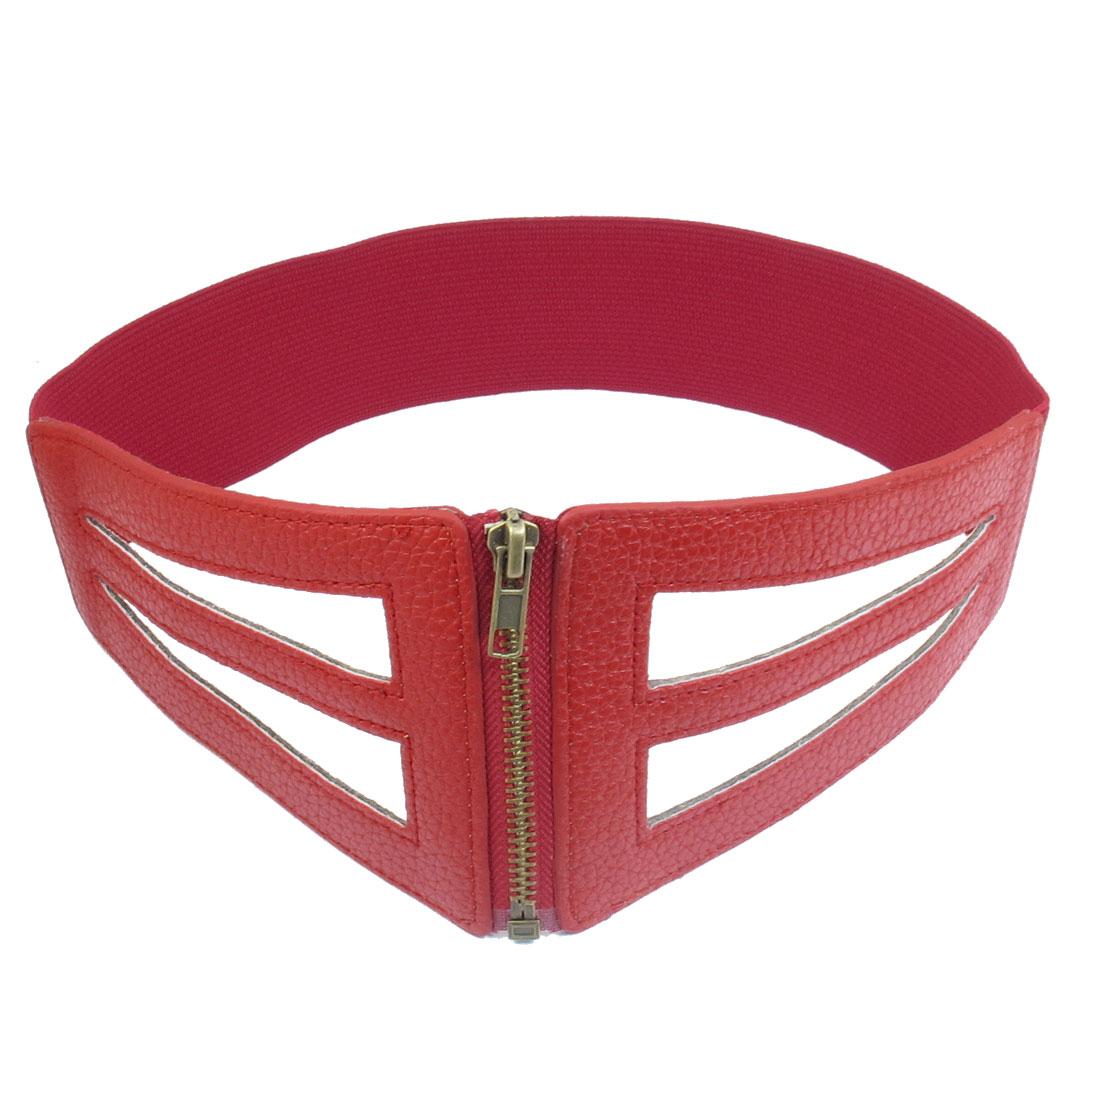 Women Hollow Out Design Zipper Closure Elastic Band Waist Belt Red